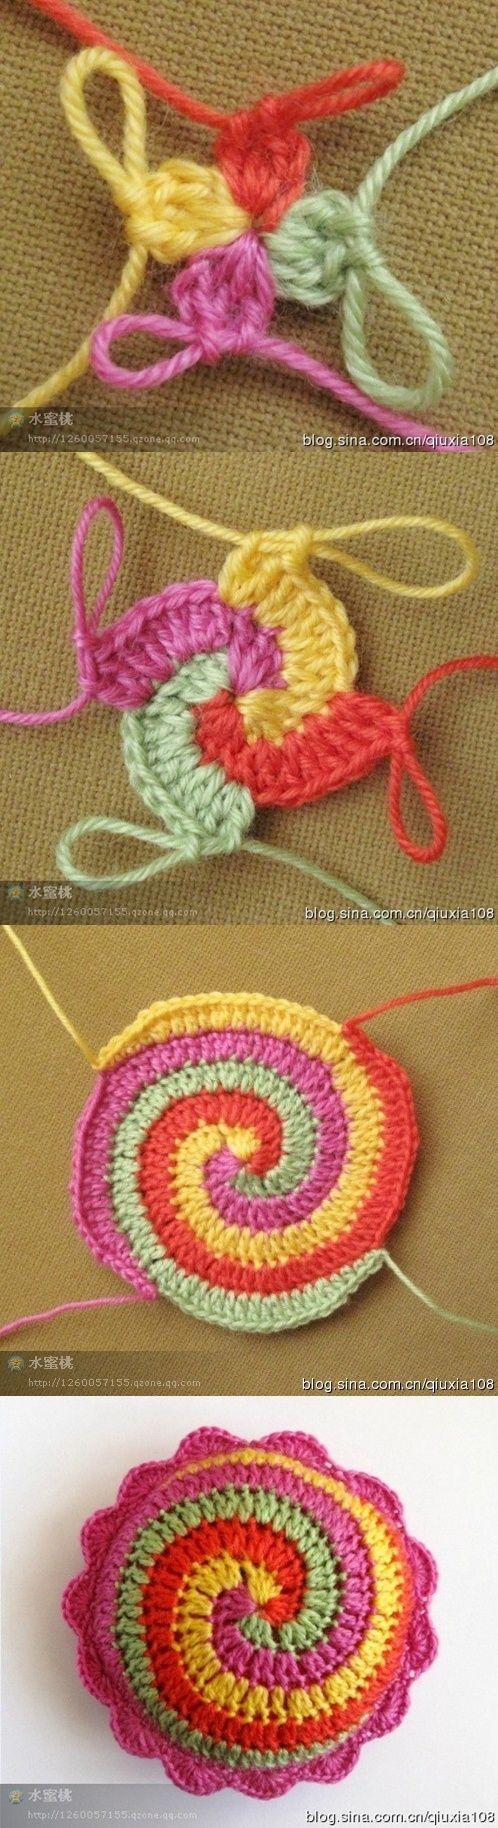 Crochê espiral - Gerepind #knutselen por www.gezinspiratie.nl #haken #haakspiratie #creatief #kind #kinderen #kids #leuk #crochet